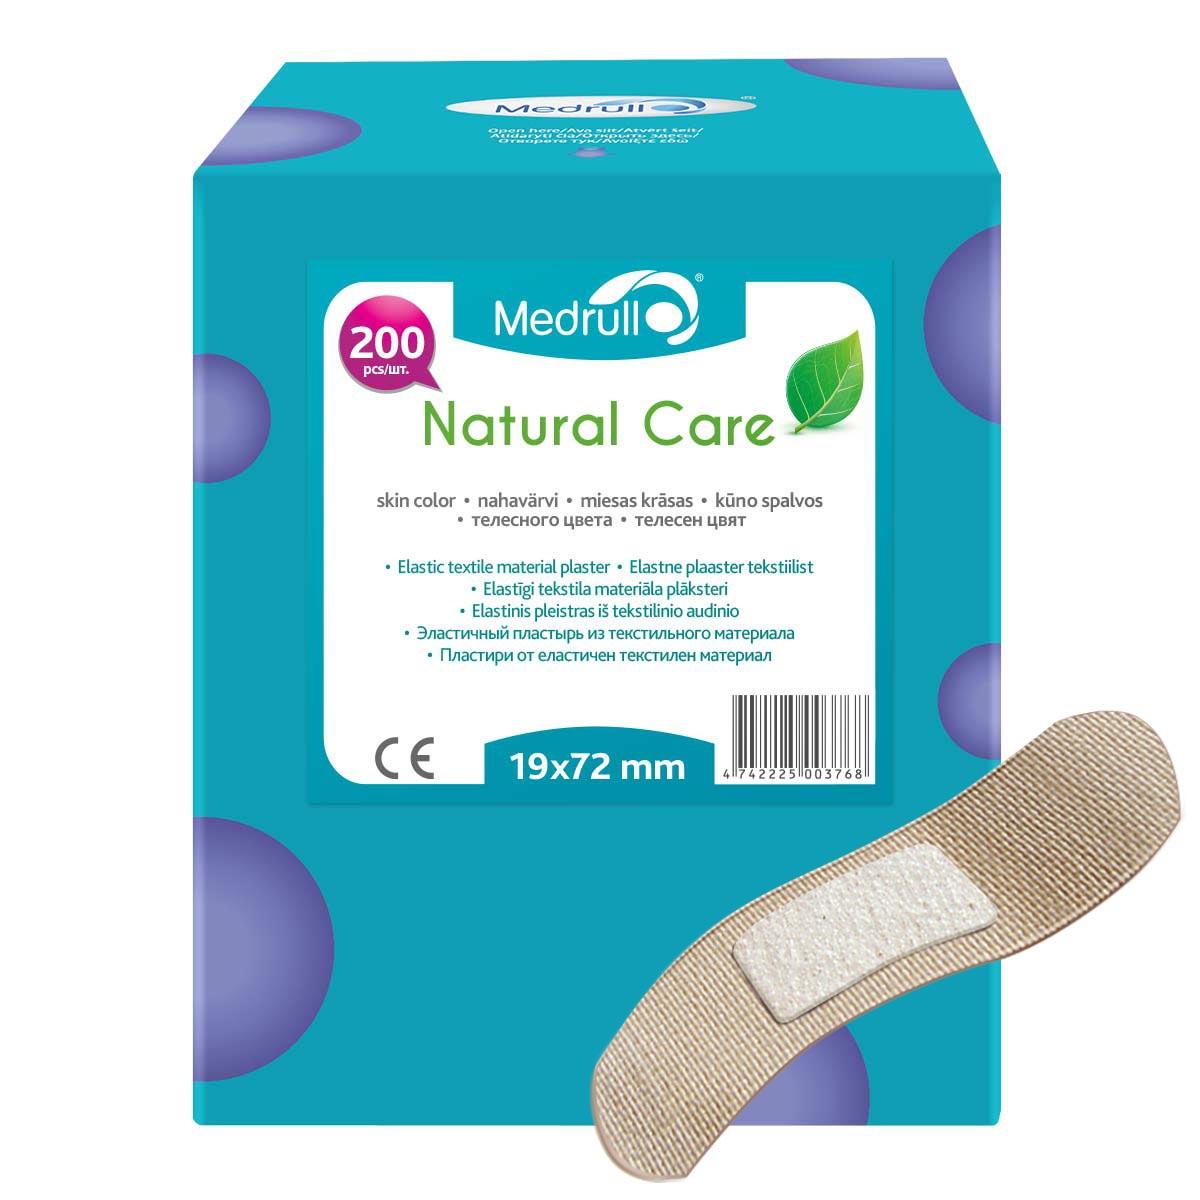 Medrull Набор пластырей Natural Care, 1,9х7,2 см, №2004742225003768Гипоаллергенные пластыри, предназначенные для людей, кожа которых, чувствительна к факторам окружающей среды. Пластыри изготовлены из приятного для кожи эластичного,текстильного материала, в состав которого входит - 65% хлопок, 35% полиамид, благодаря чему, возможность появления аллергии снижена до минимума. Свойства пластыря: грязенепроницаемые, гипоаллергенные, эластичные, дышащие, плотно прилегающие. Абсорбирующая подушечка изготовлена из вискозы и обладает высокой впитываемостью. Верхняя часть подушечки обработана полипропиленом, что защищает от вероятности прилипания пластыря к поврежденной поверхности кожи.